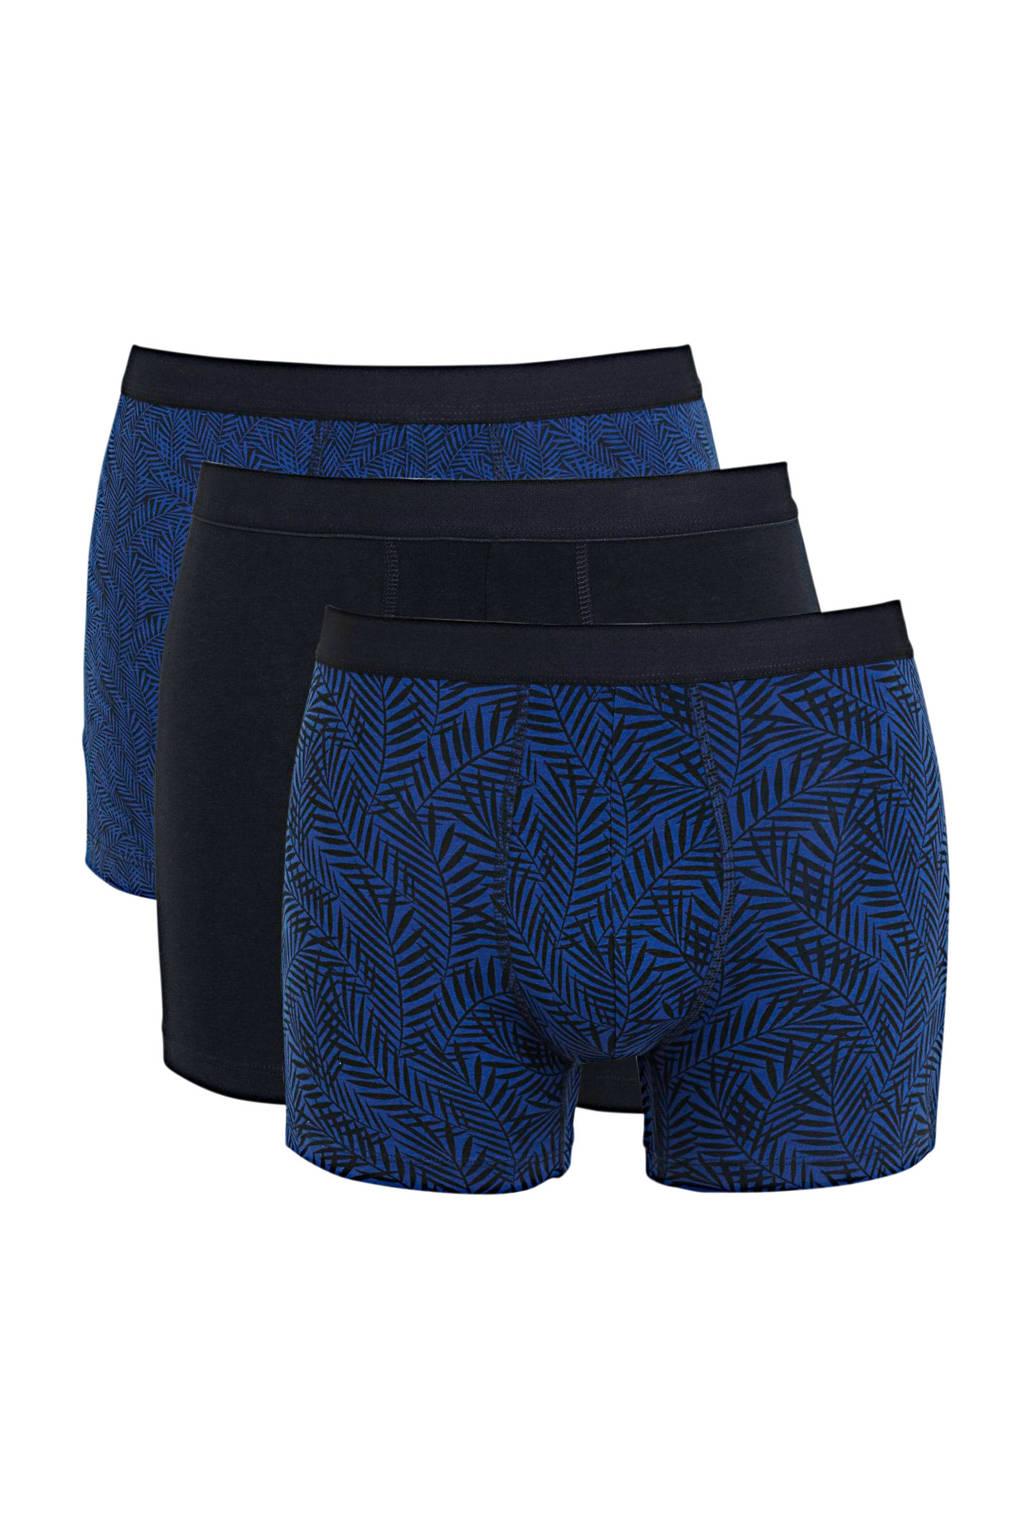 HEMA boxershort (set van 3), Donkerblauw/blauw